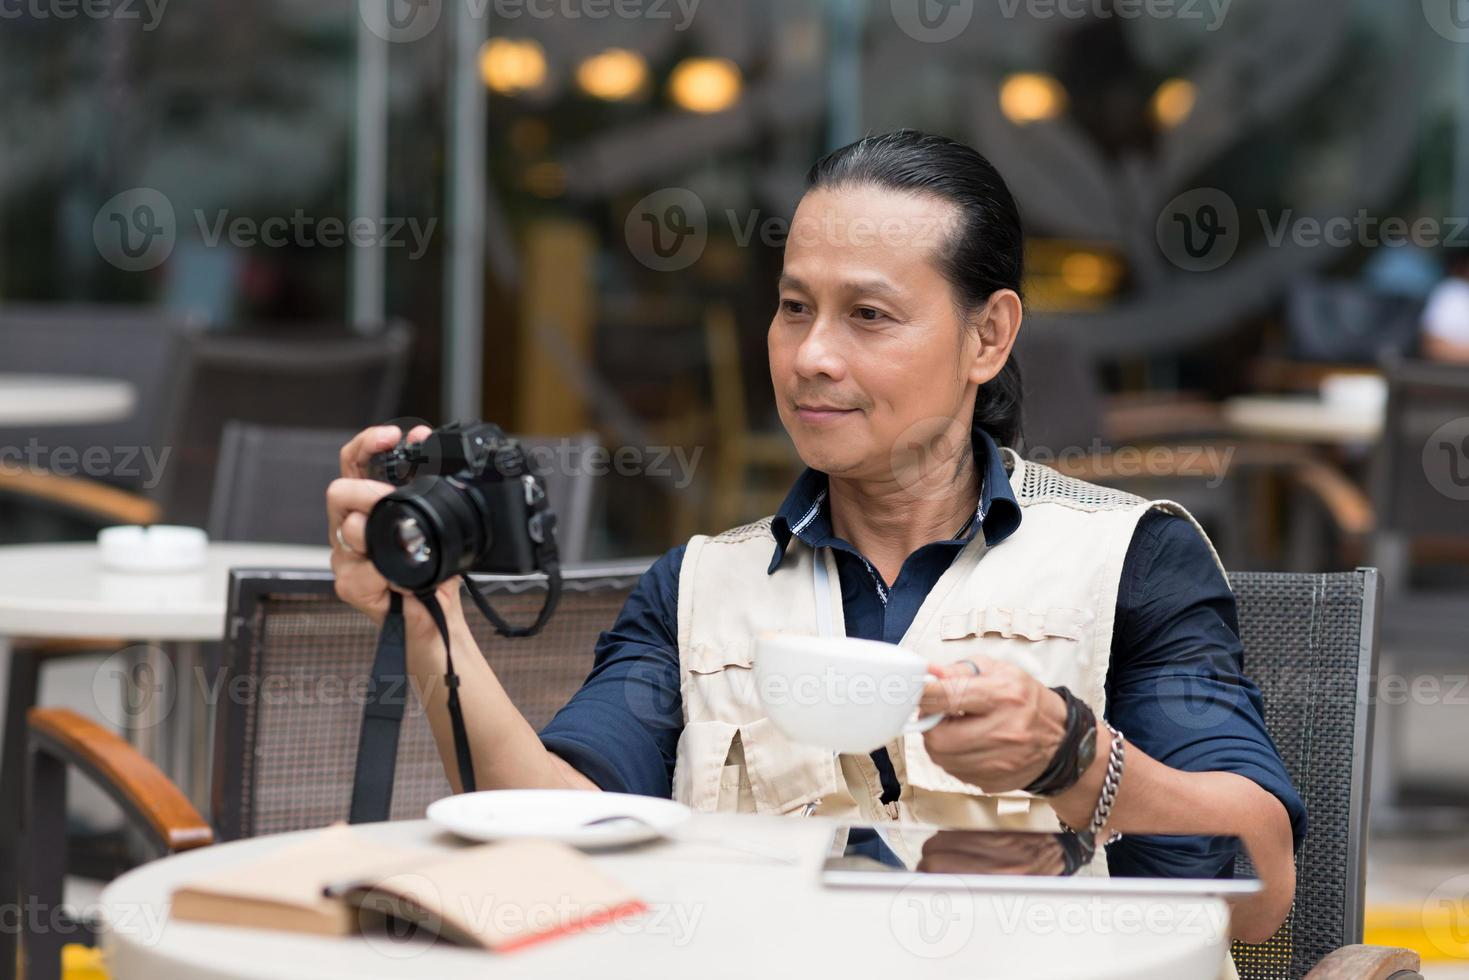 fotograaf in een café foto